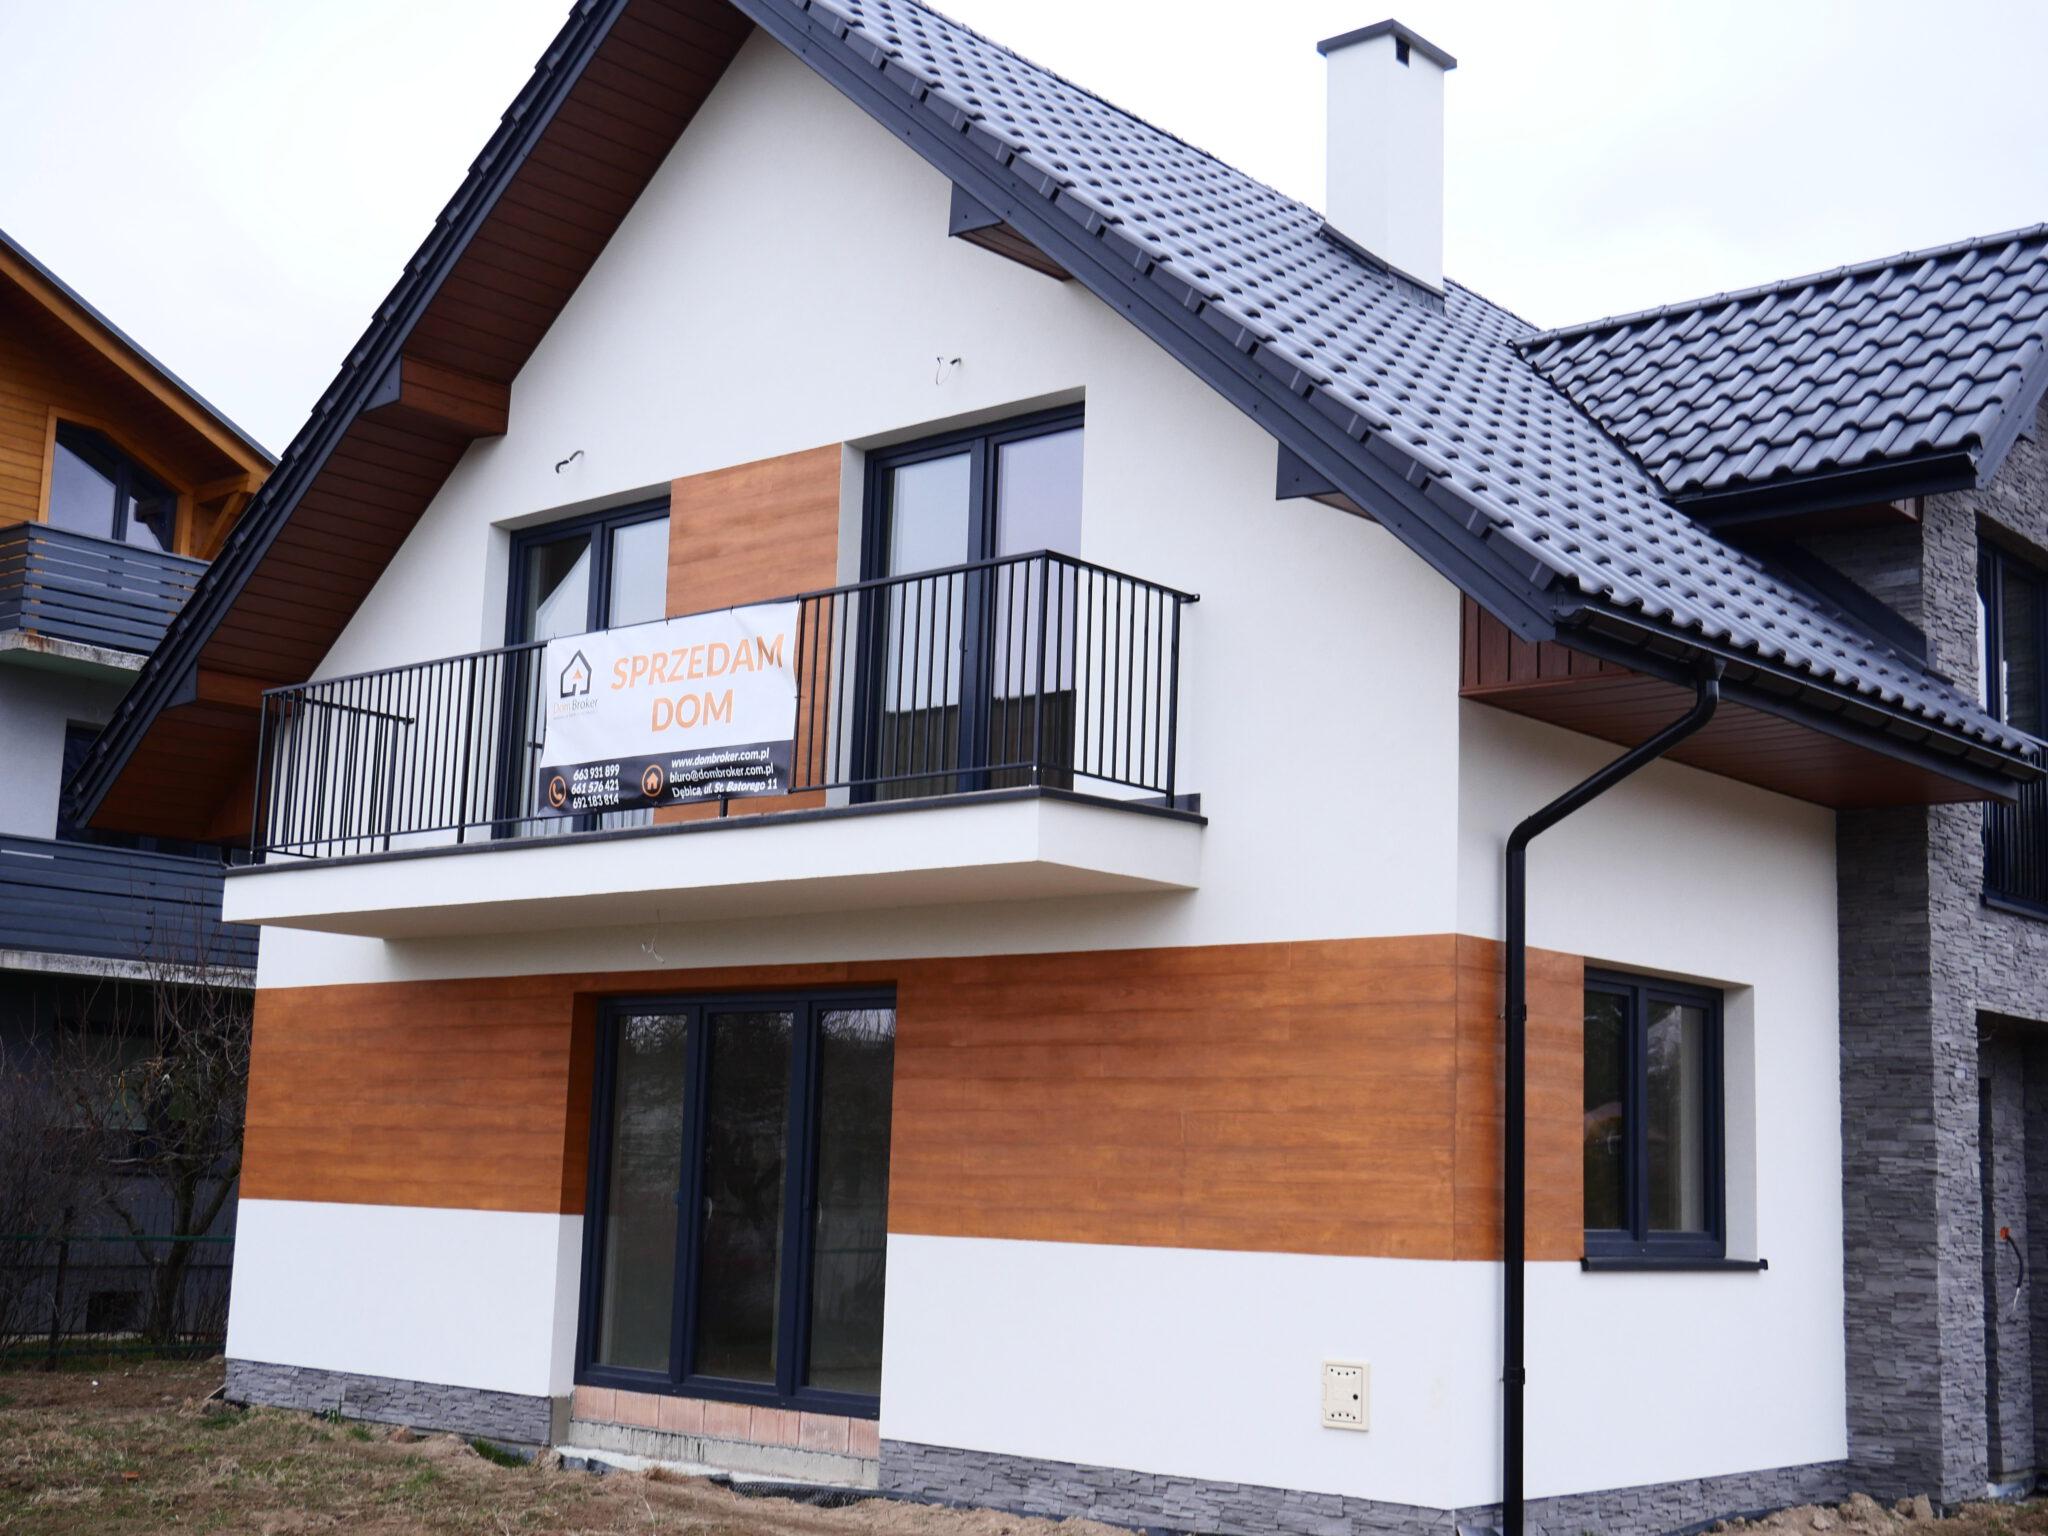 Dom bliźniak w zabudowie segmentowej na sprzedaż, Dębica, ul. Gawrzyłowska, STYL SKANDYNAWSKI- NOWA NIŻSZA CENA!!!